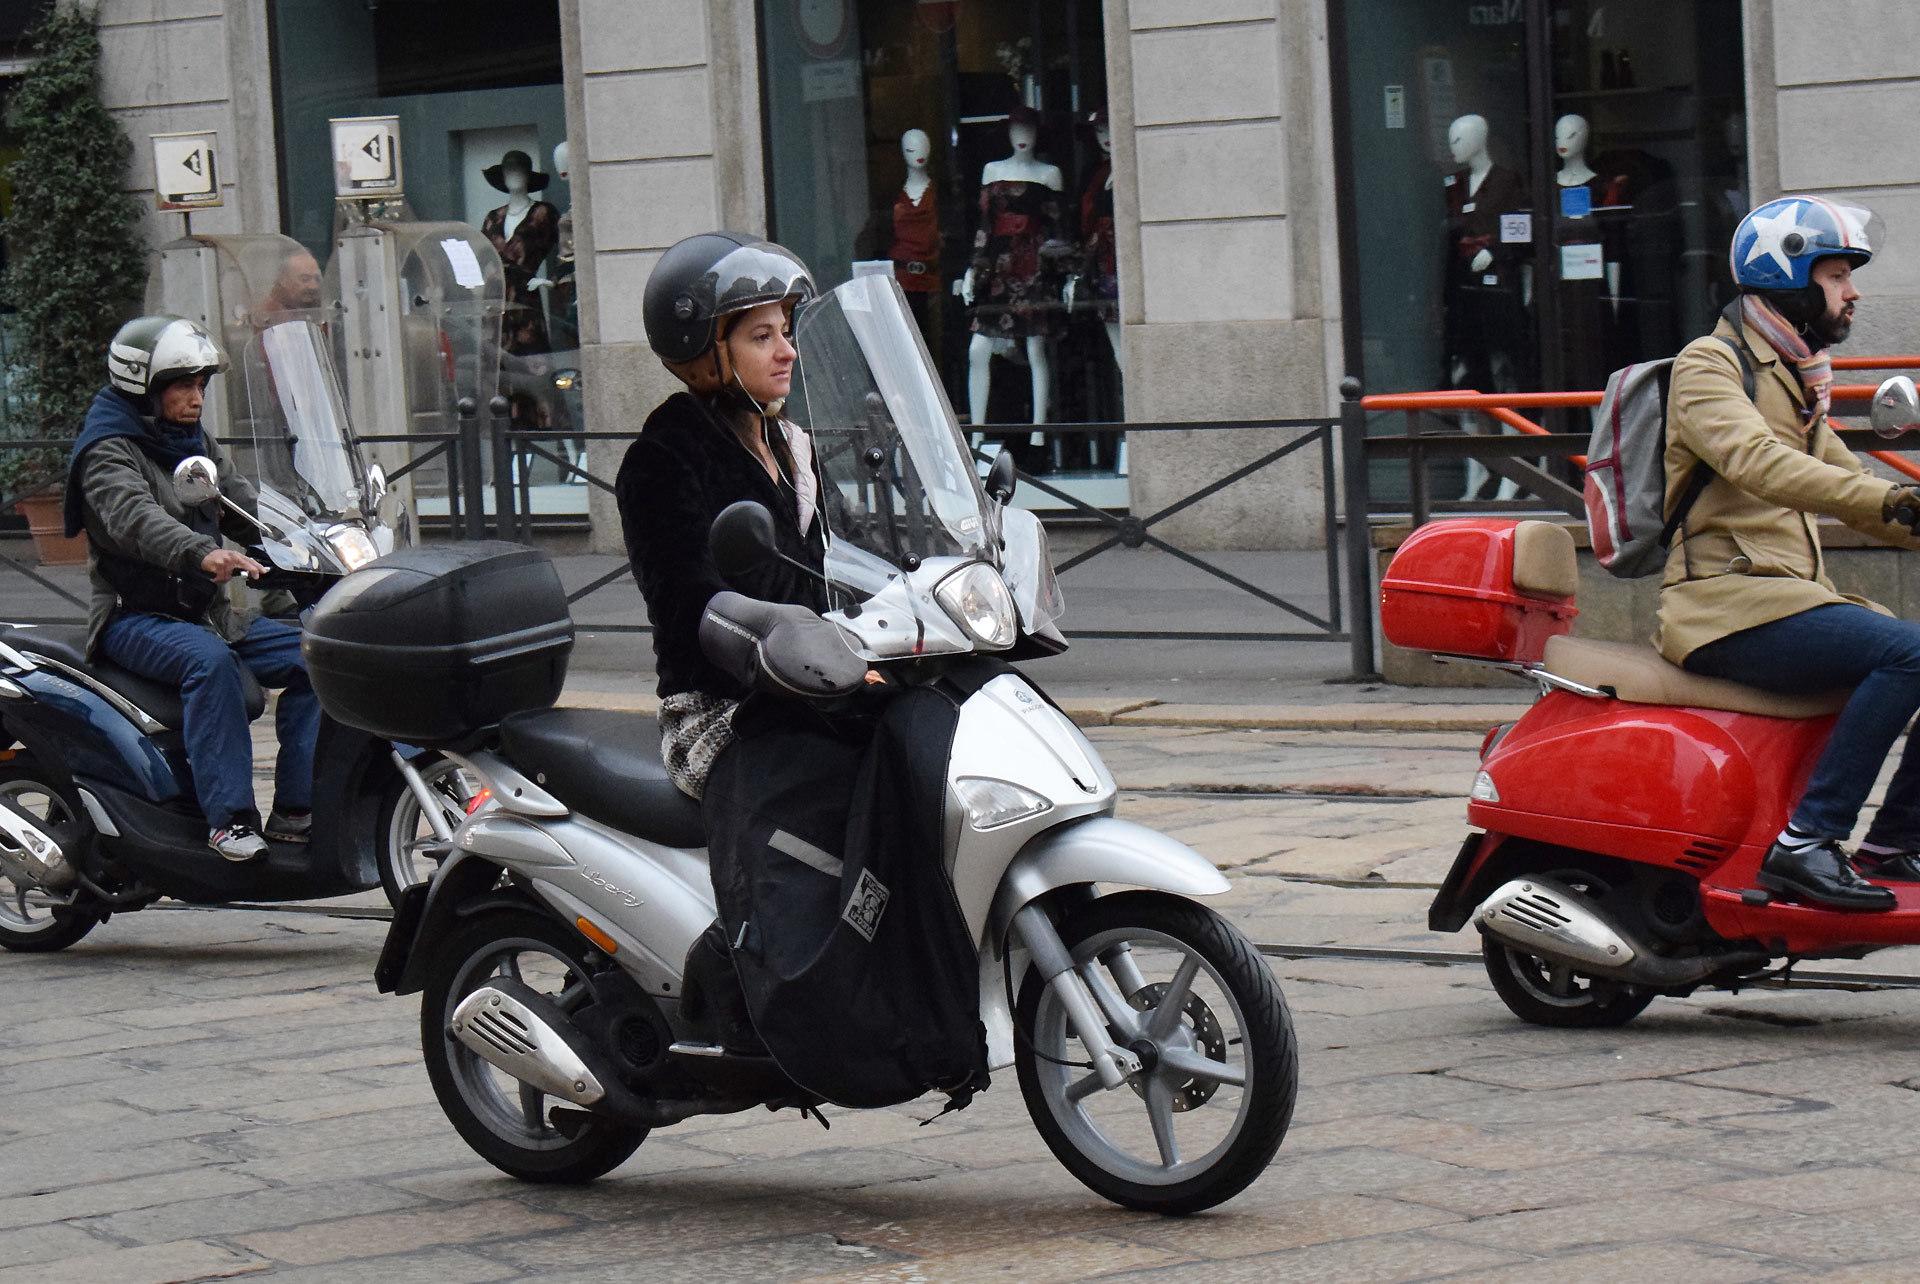 『バイク天国☆イタリアの旅 (2019年版)』その6 ミラノの街でよく見かけるバイクはコレだ!_d0099181_19324285.jpg